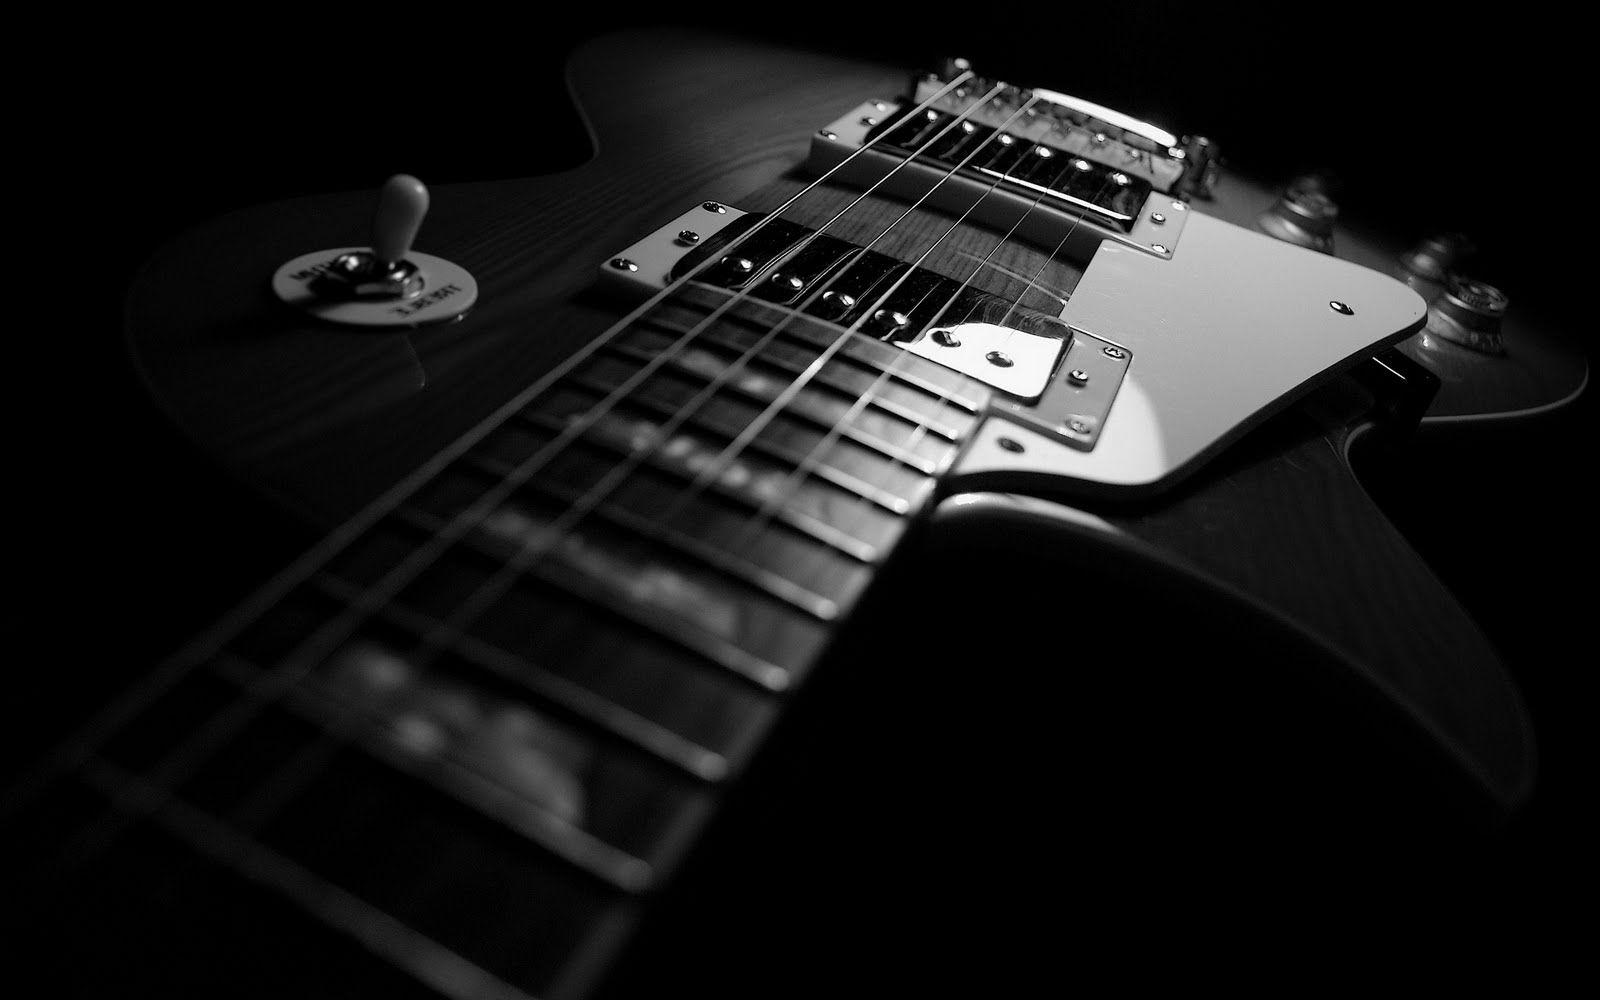 fond d'écran de la guitare en noir et blanc   Noir et blanc, Guitare électrique noire et Clair ...